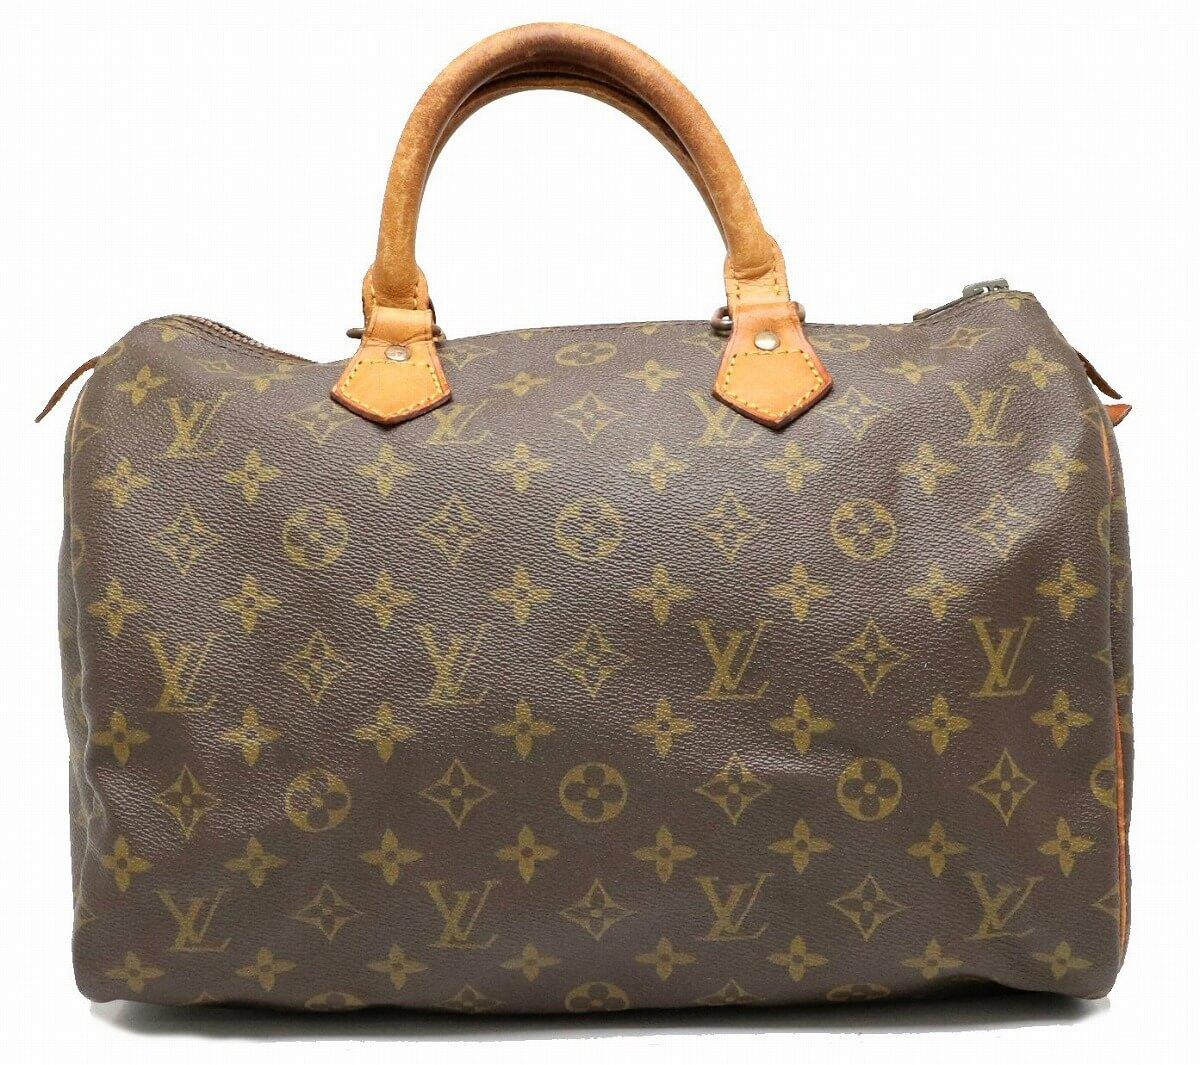 Louis Vuitton Boston Bag M41526